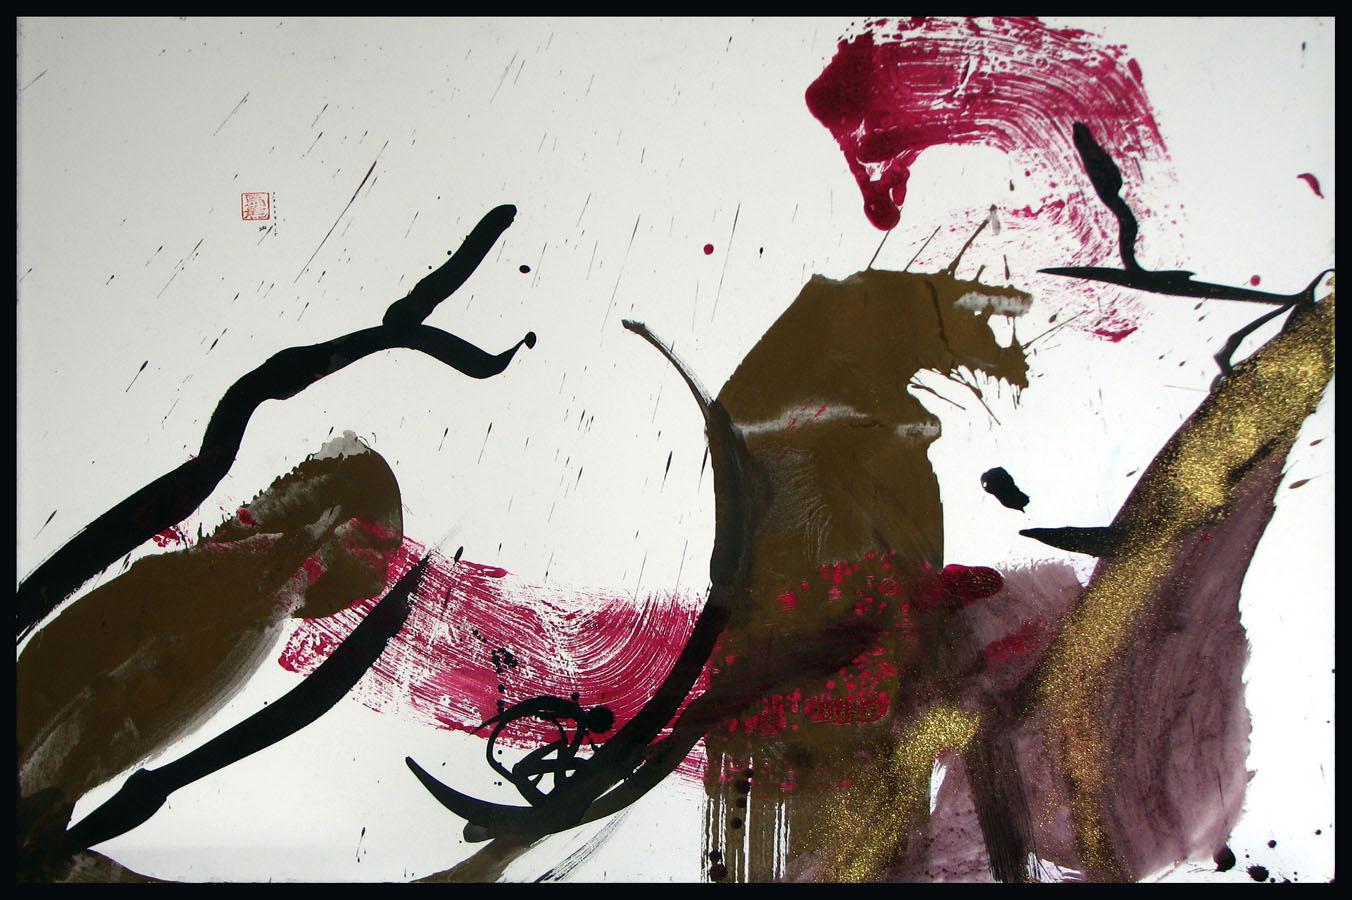 COULEUR ET CALLIGRAPHIE ORGANIQUE 4 - 2014 - Encre et acrylique sur papier BFK Rives marouflé sur toile (80x120) - © Palombit